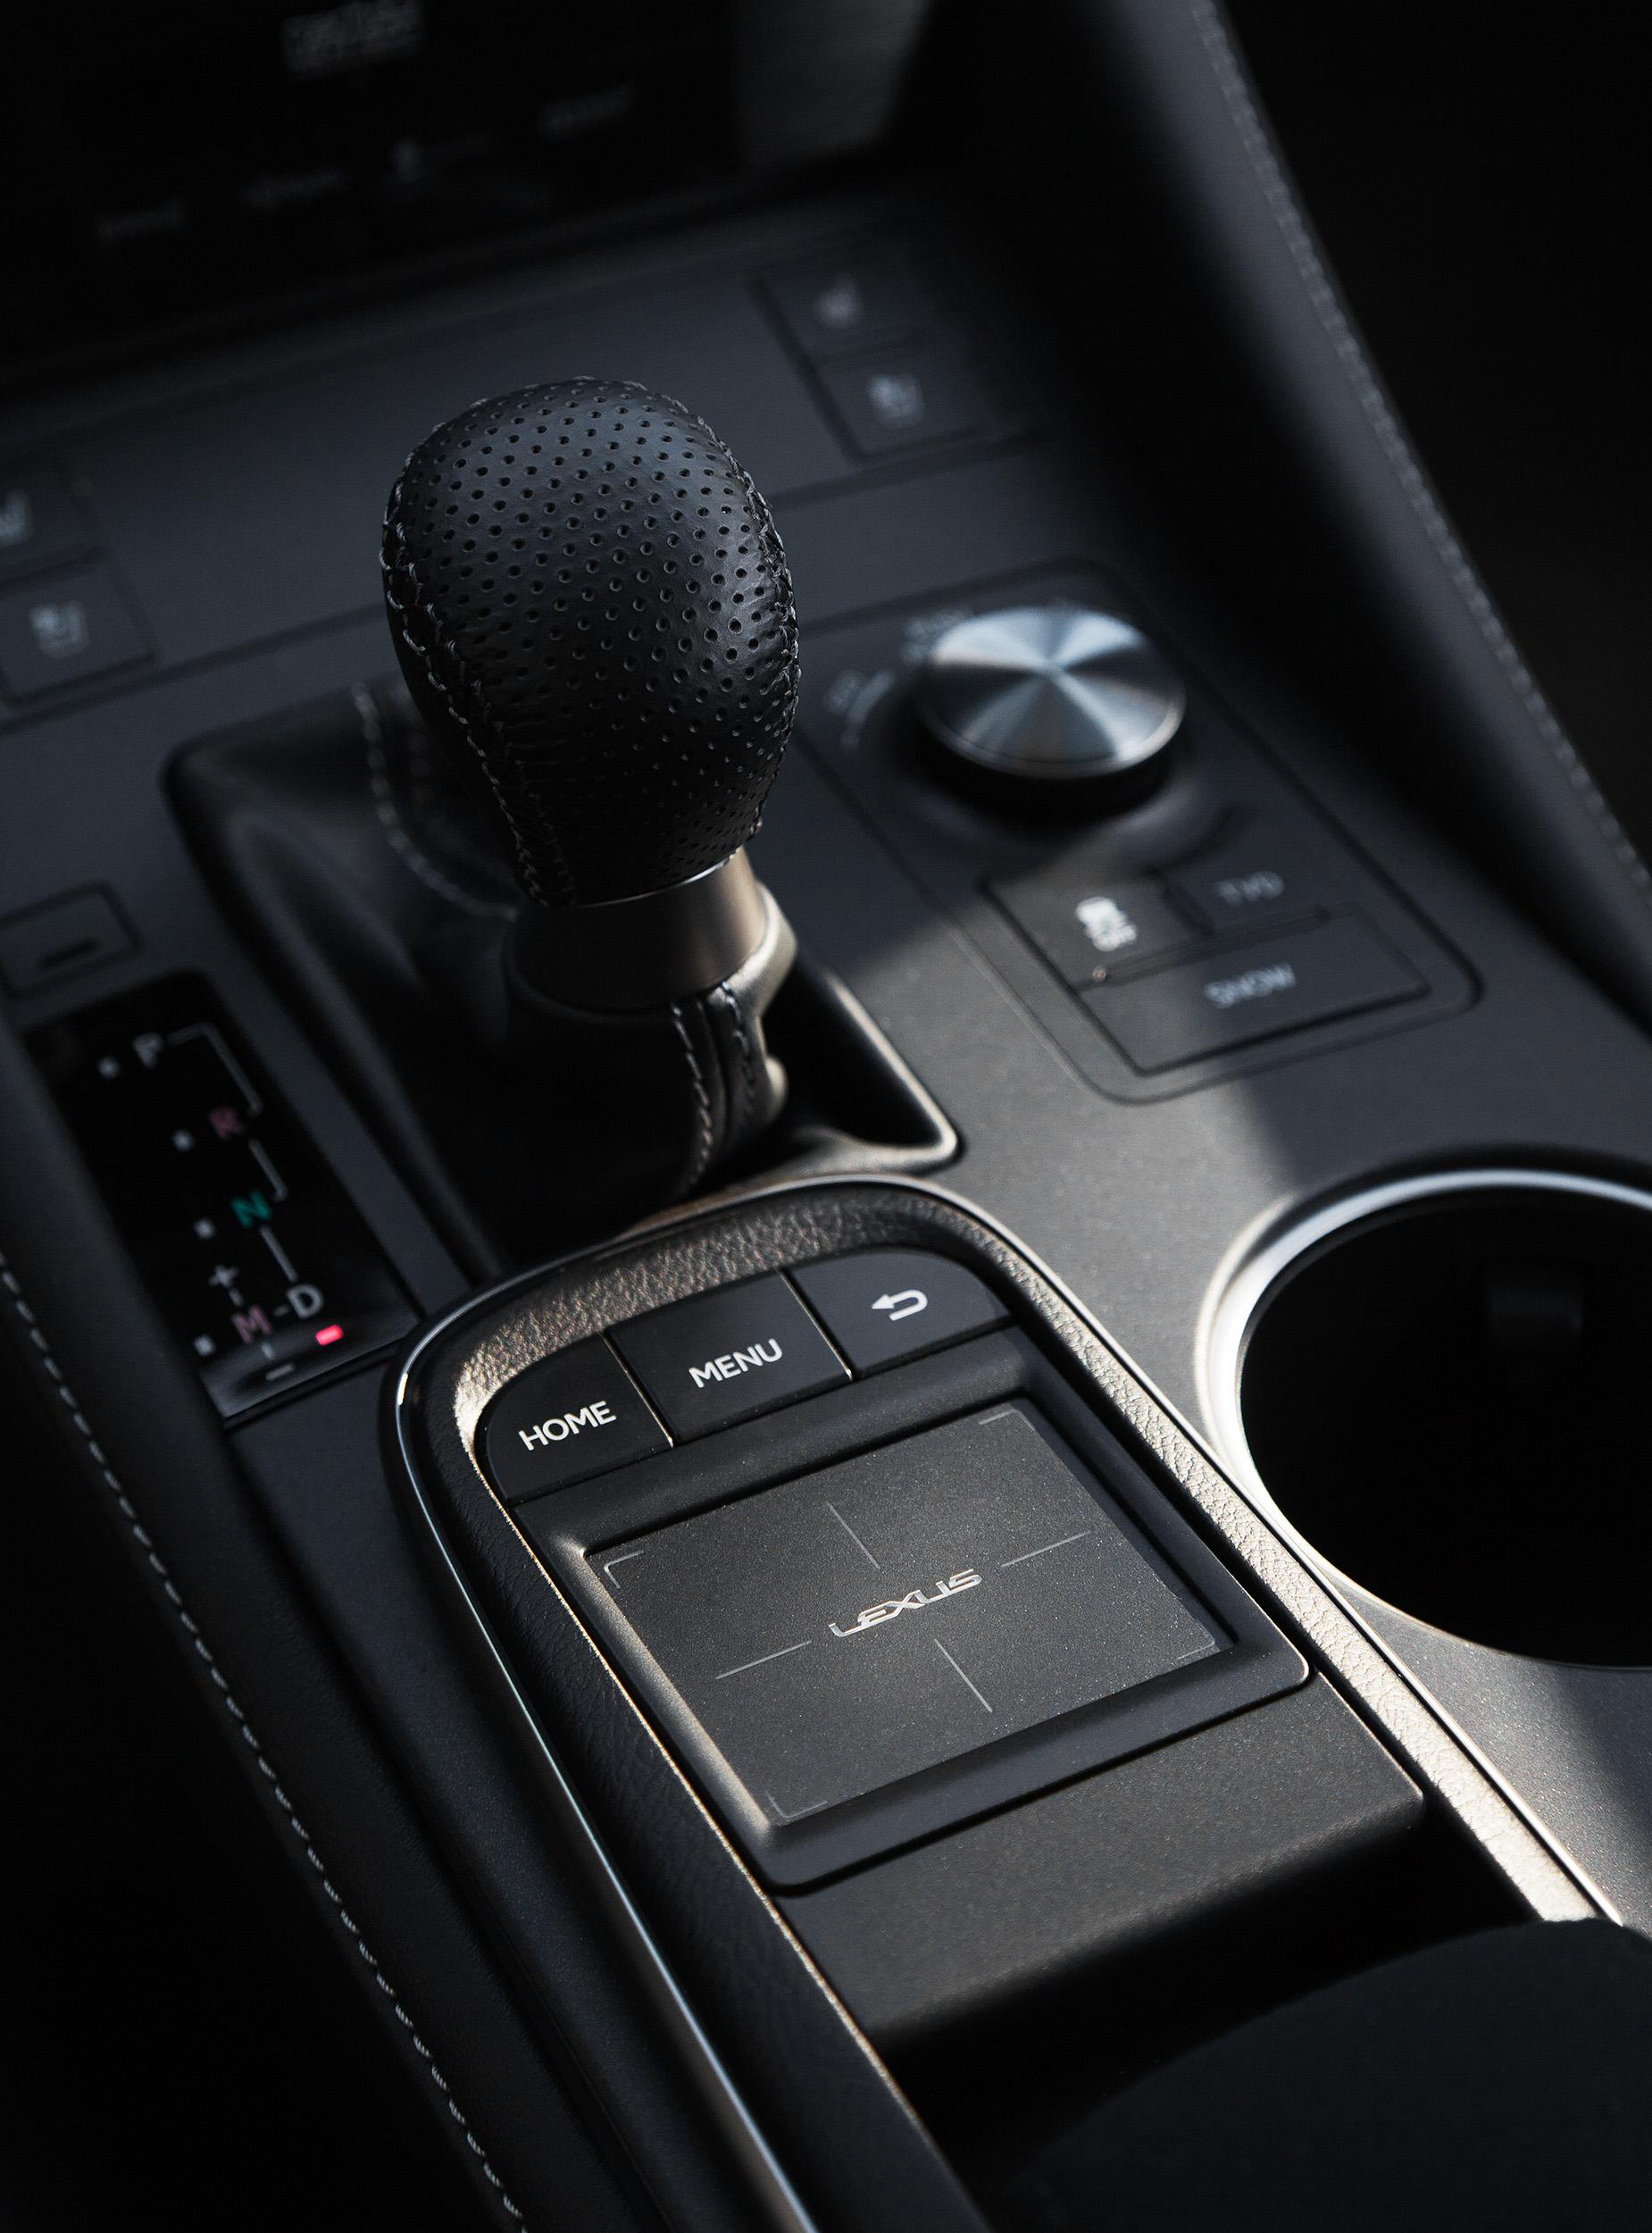 14_Lexus_GearStick_005.jpg